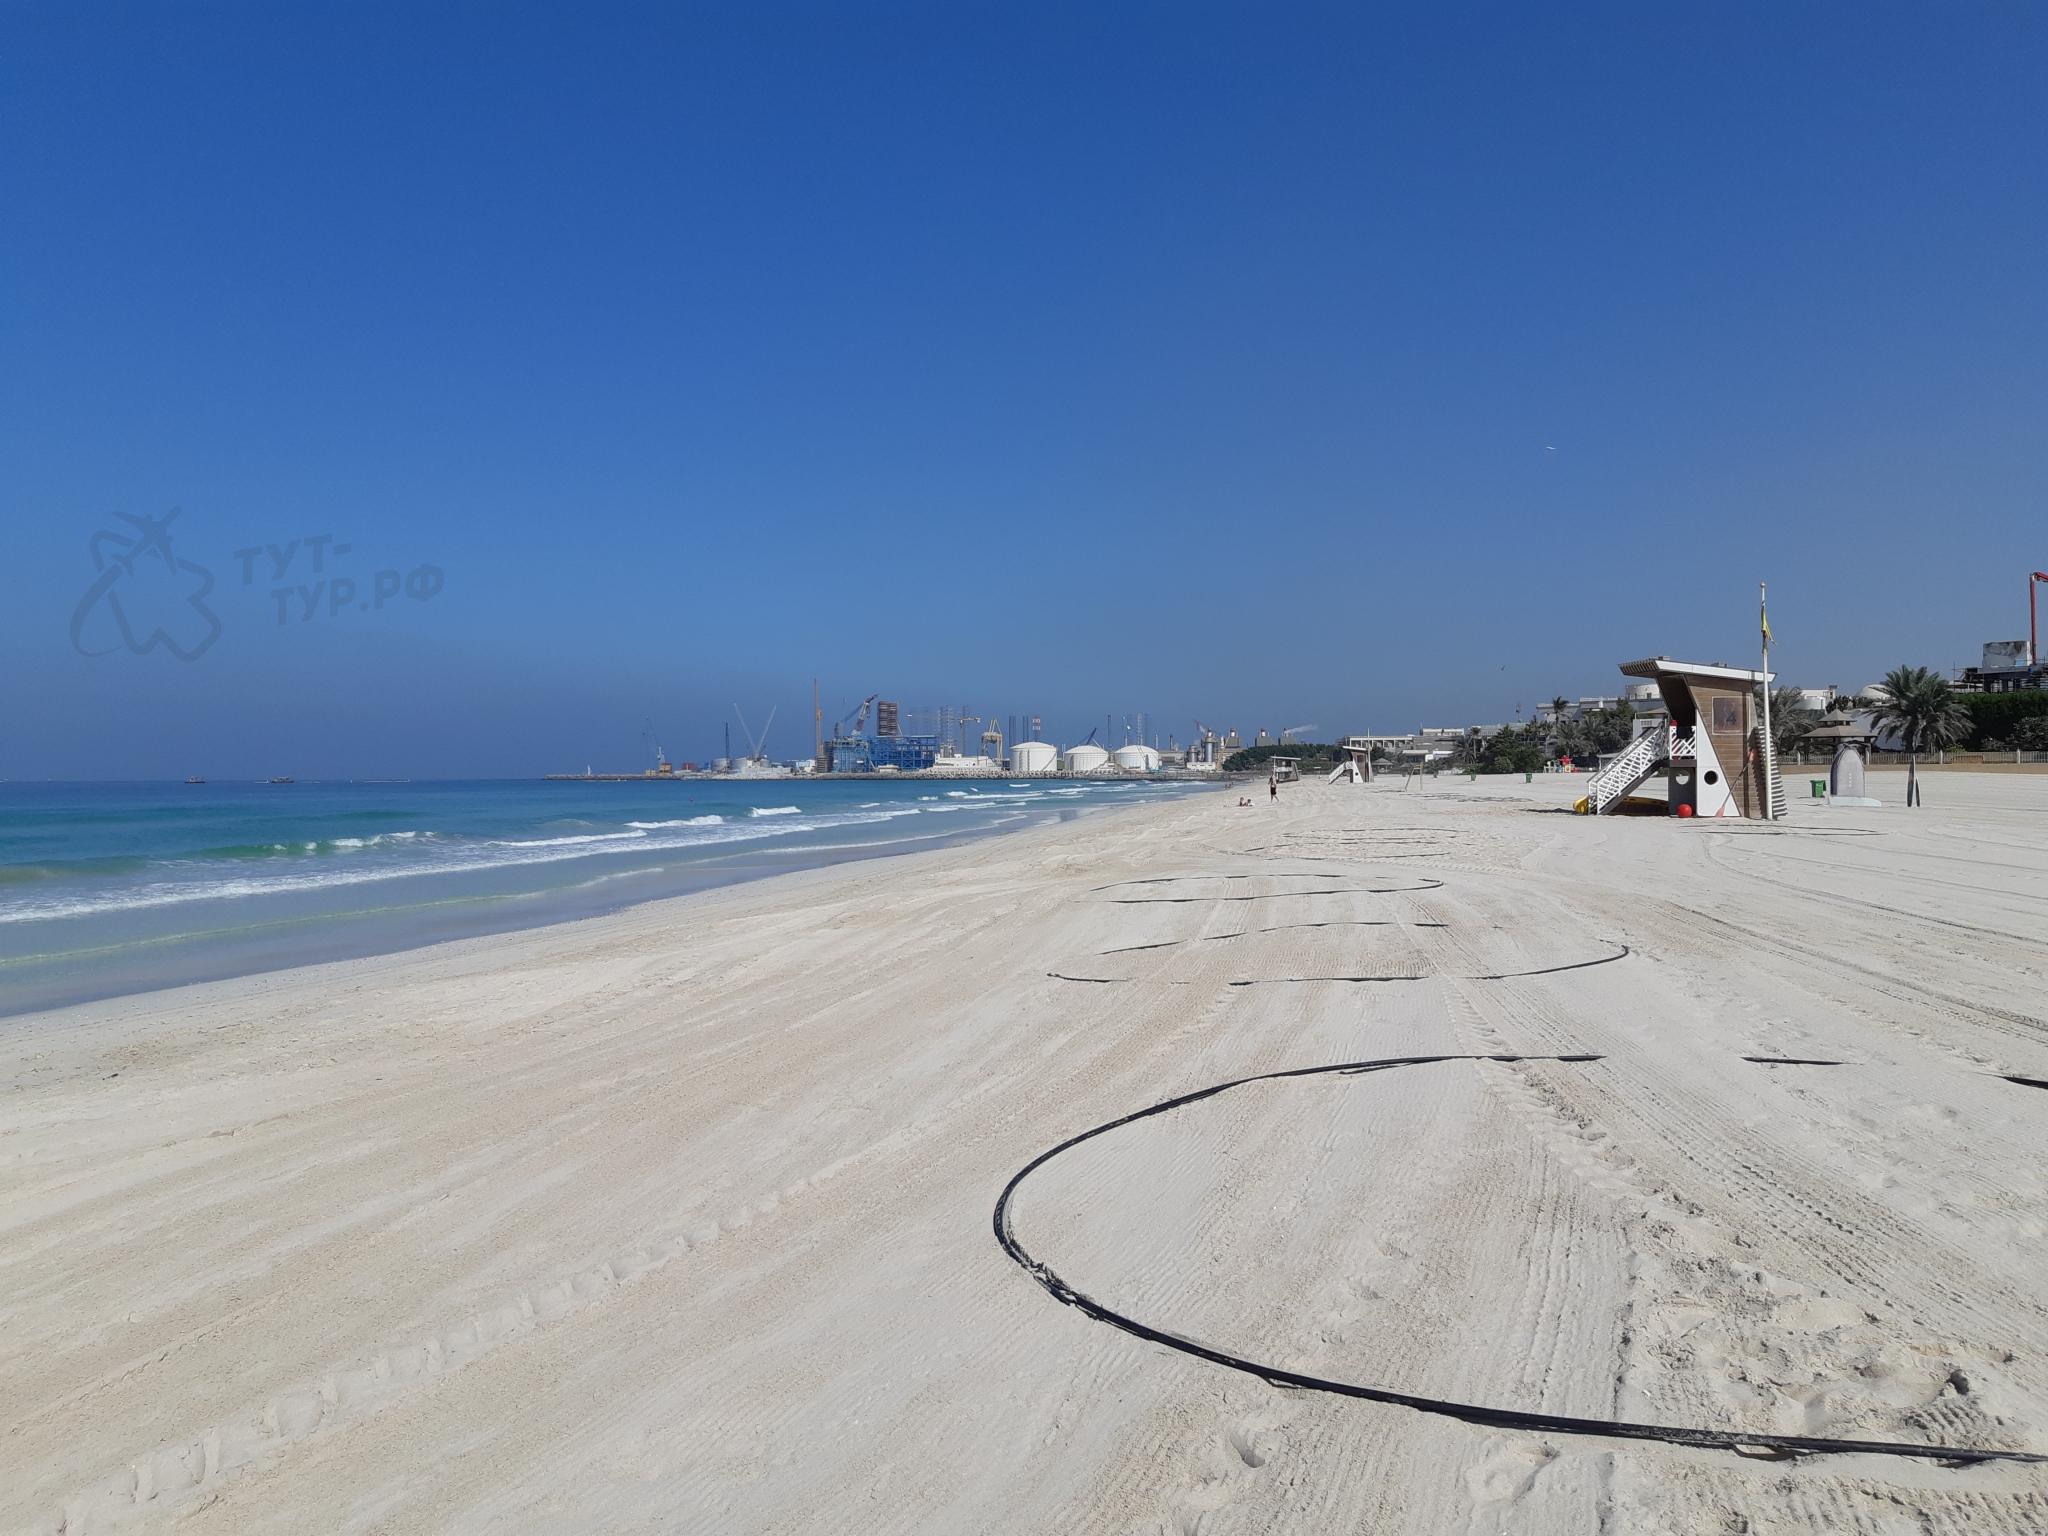 Al Khan 2 Beach